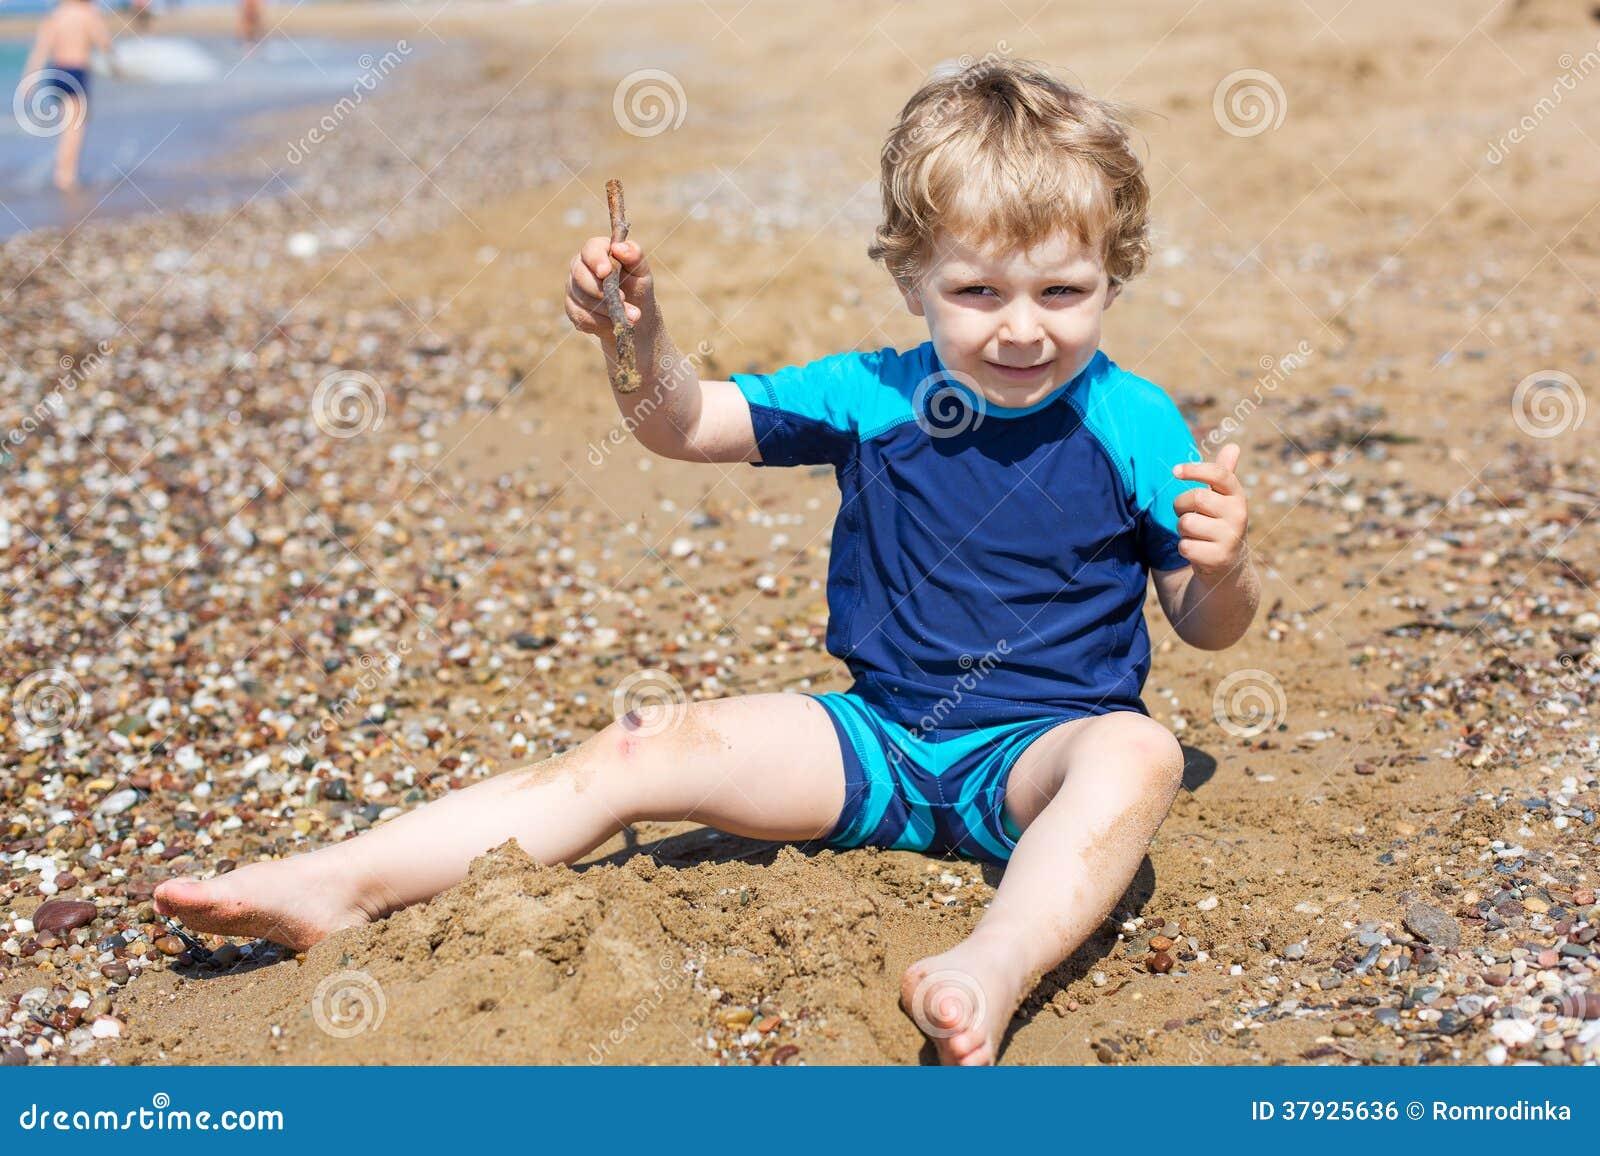 Маленький мальчик малыша играя с песком и камнями на пляже